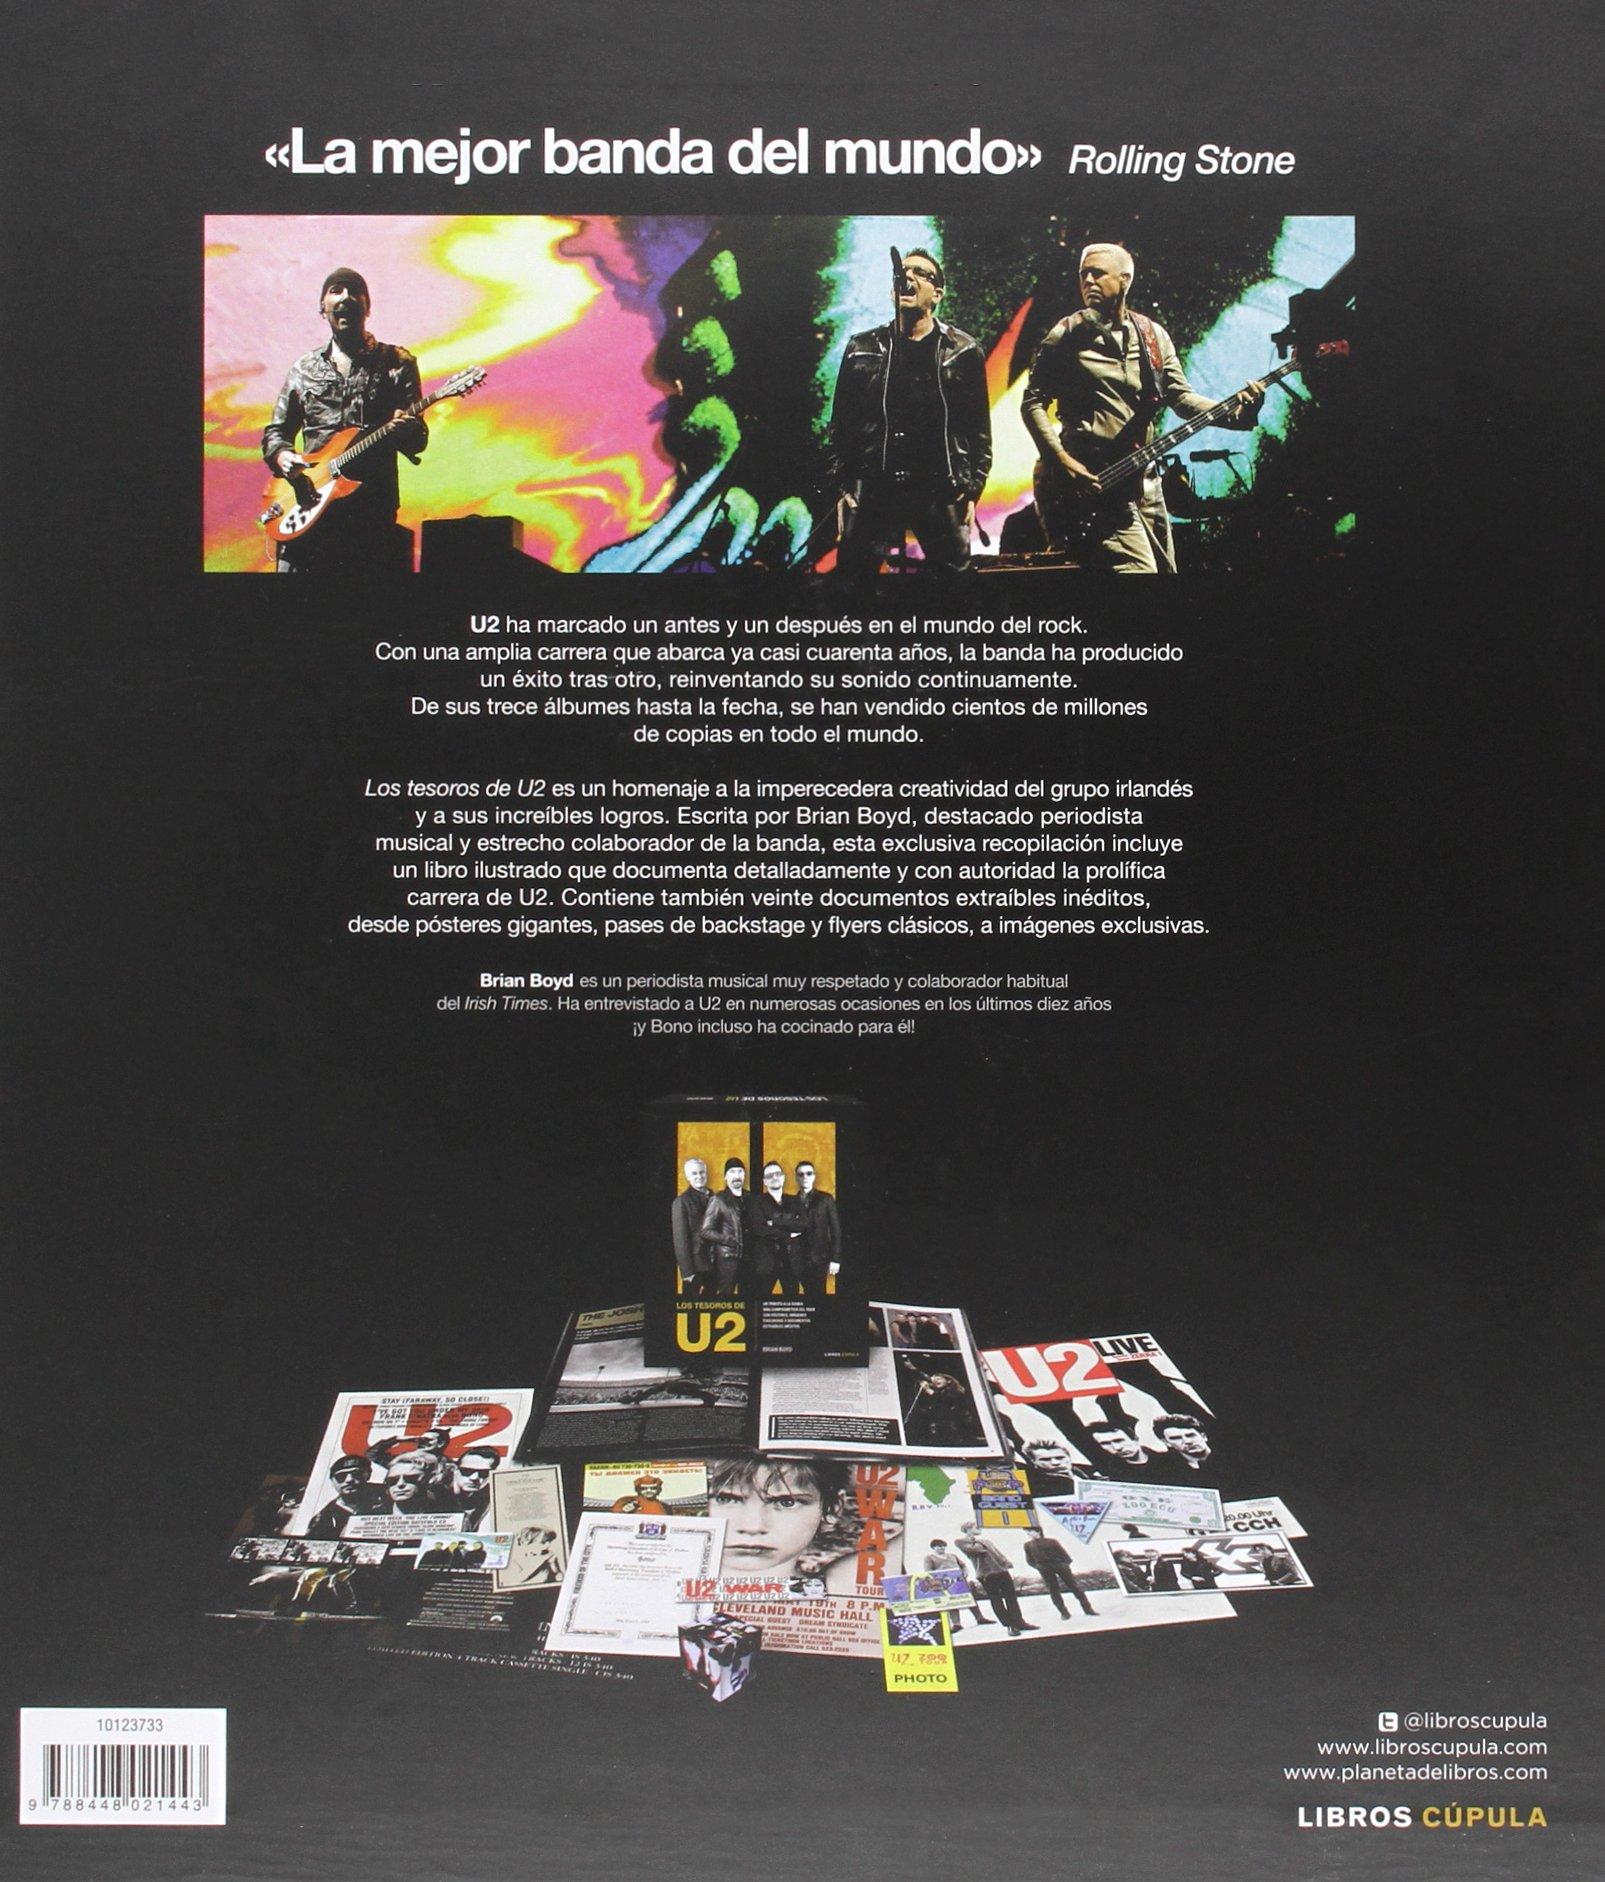 Los tesoros de U2 (Música y cine): Amazon.es: Boyd, Brian, Òrbita gràfica per publicacions S.L.: Libros